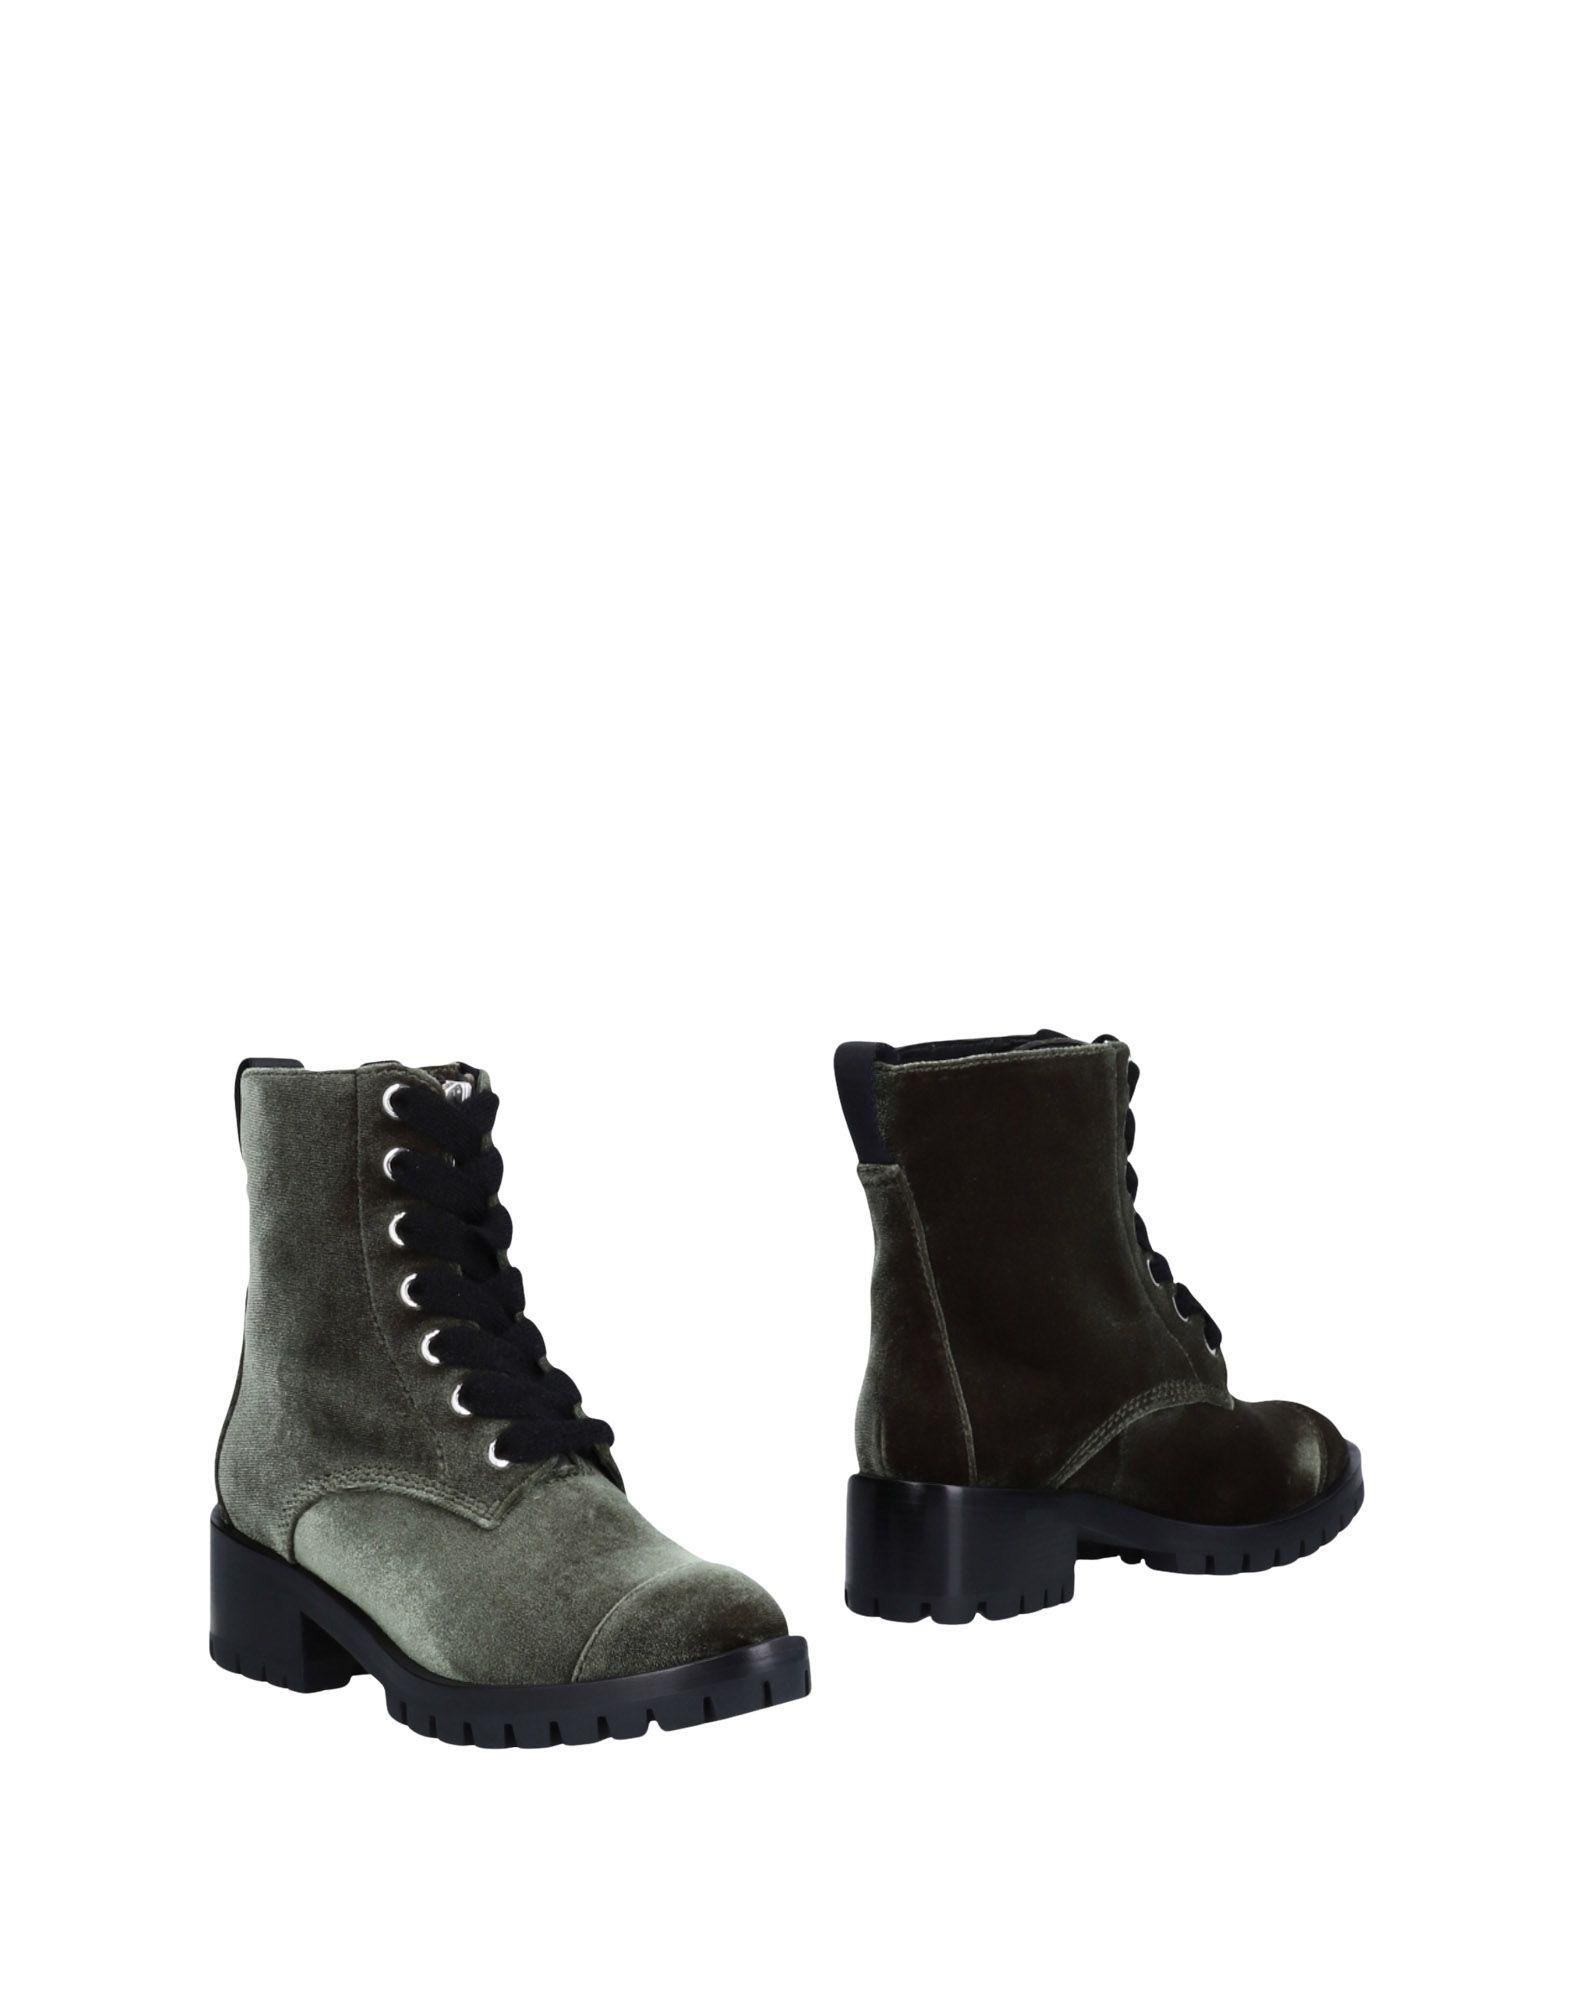 Rabatt Schuhe 3.1 Phillip Lim Stiefelette Damen  11478716GX